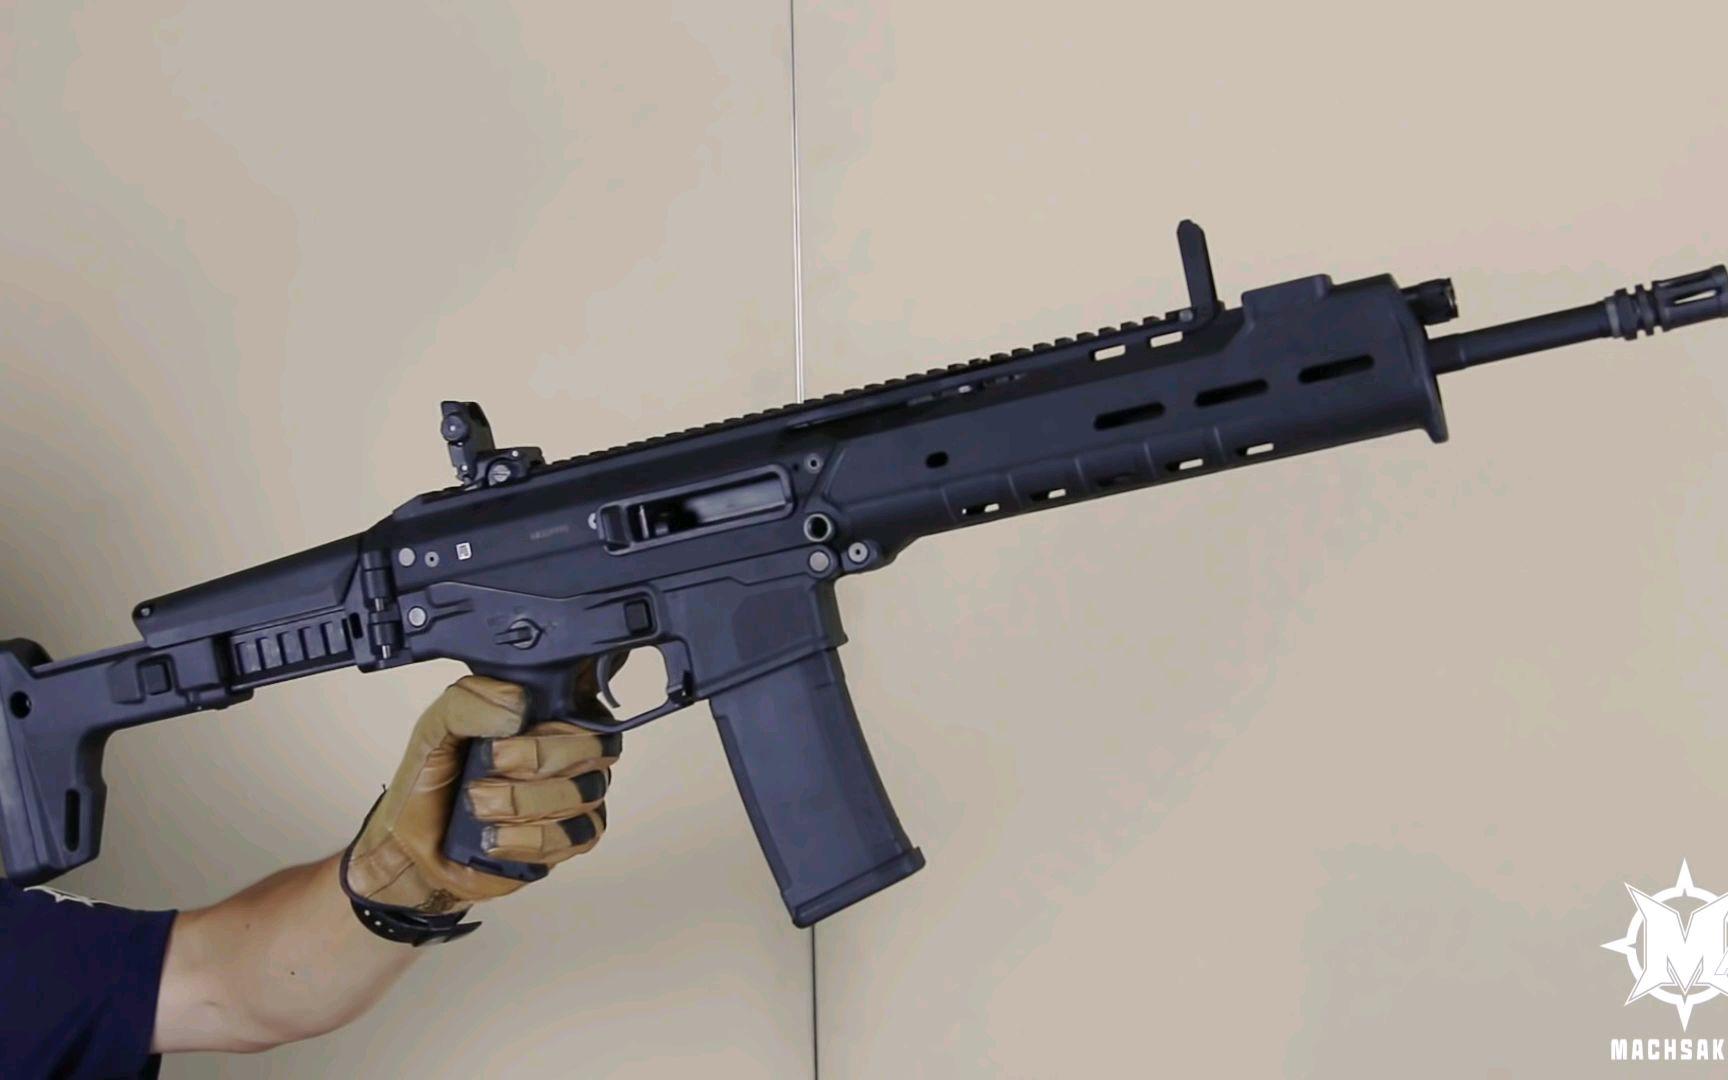 【壕堺大叔】KSC PTS MASADA气动玩具枪测试